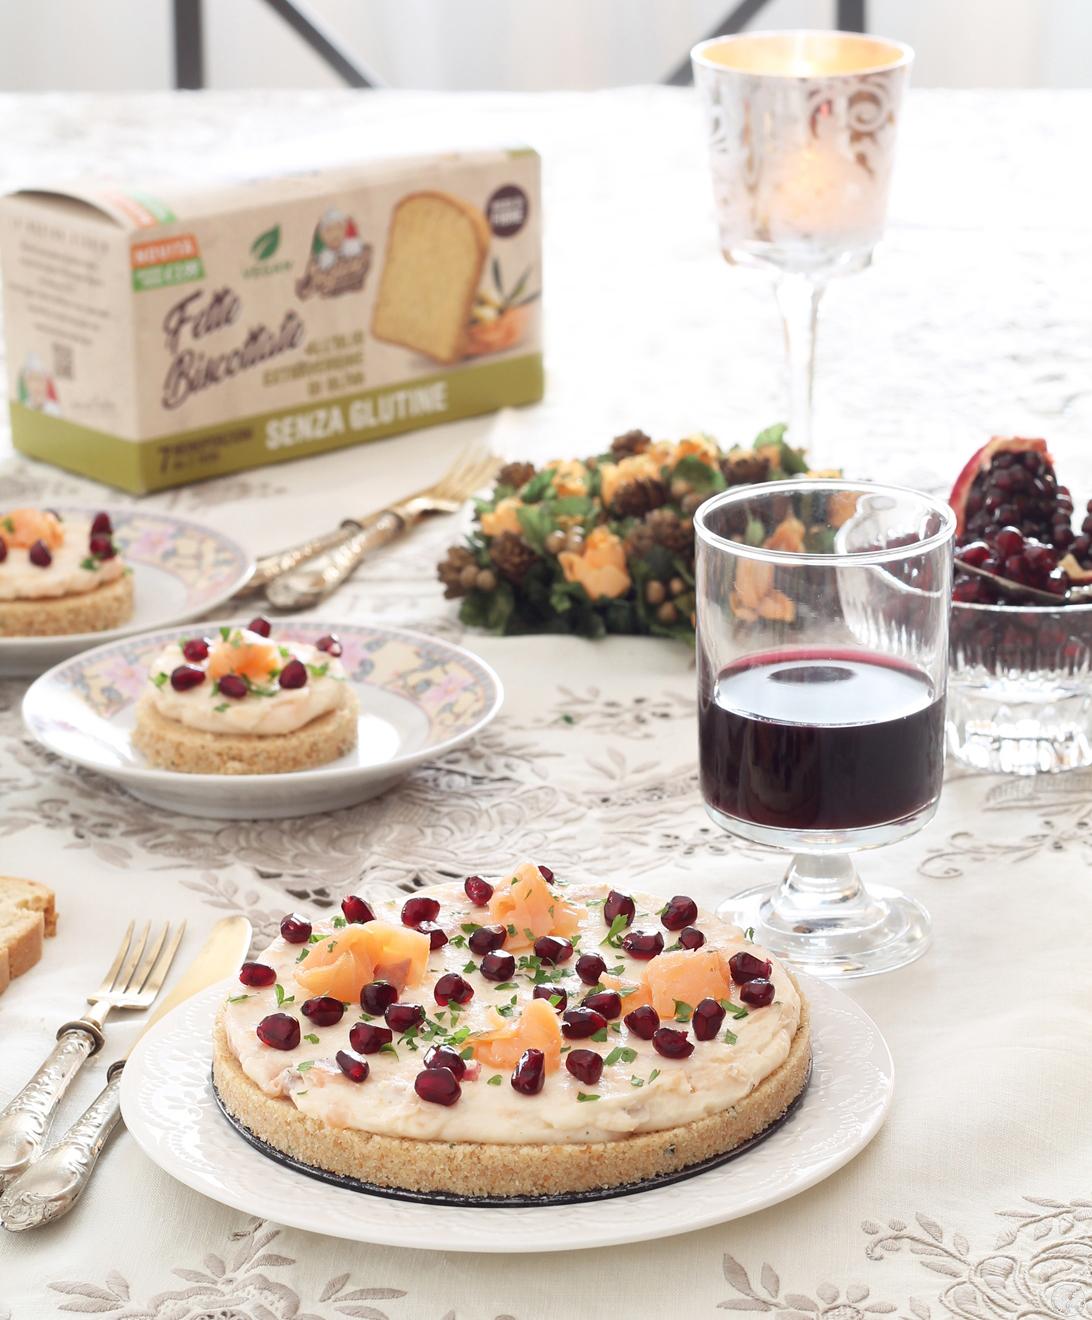 Cheesecake senza glutine con stracchino e salmone - La Cassata Celiaca